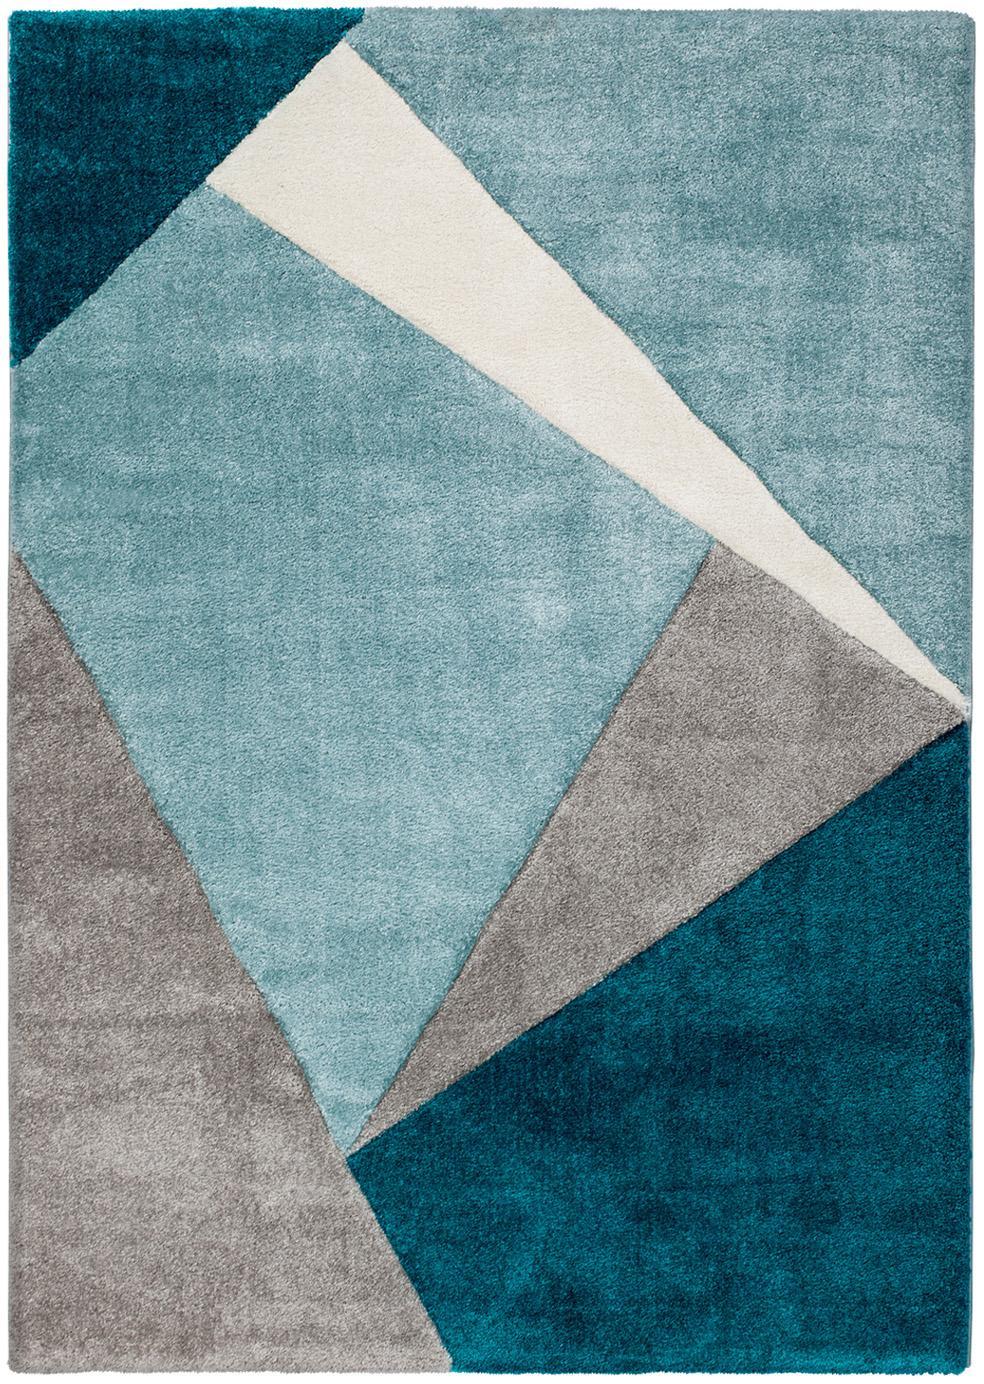 Teppich My Broadway mit geometrischem Muster in Beige-Blau, Flor: 100% Polypropylen, Blautöne, Beige, Creme, B 120 x L 170 cm (Größe S)